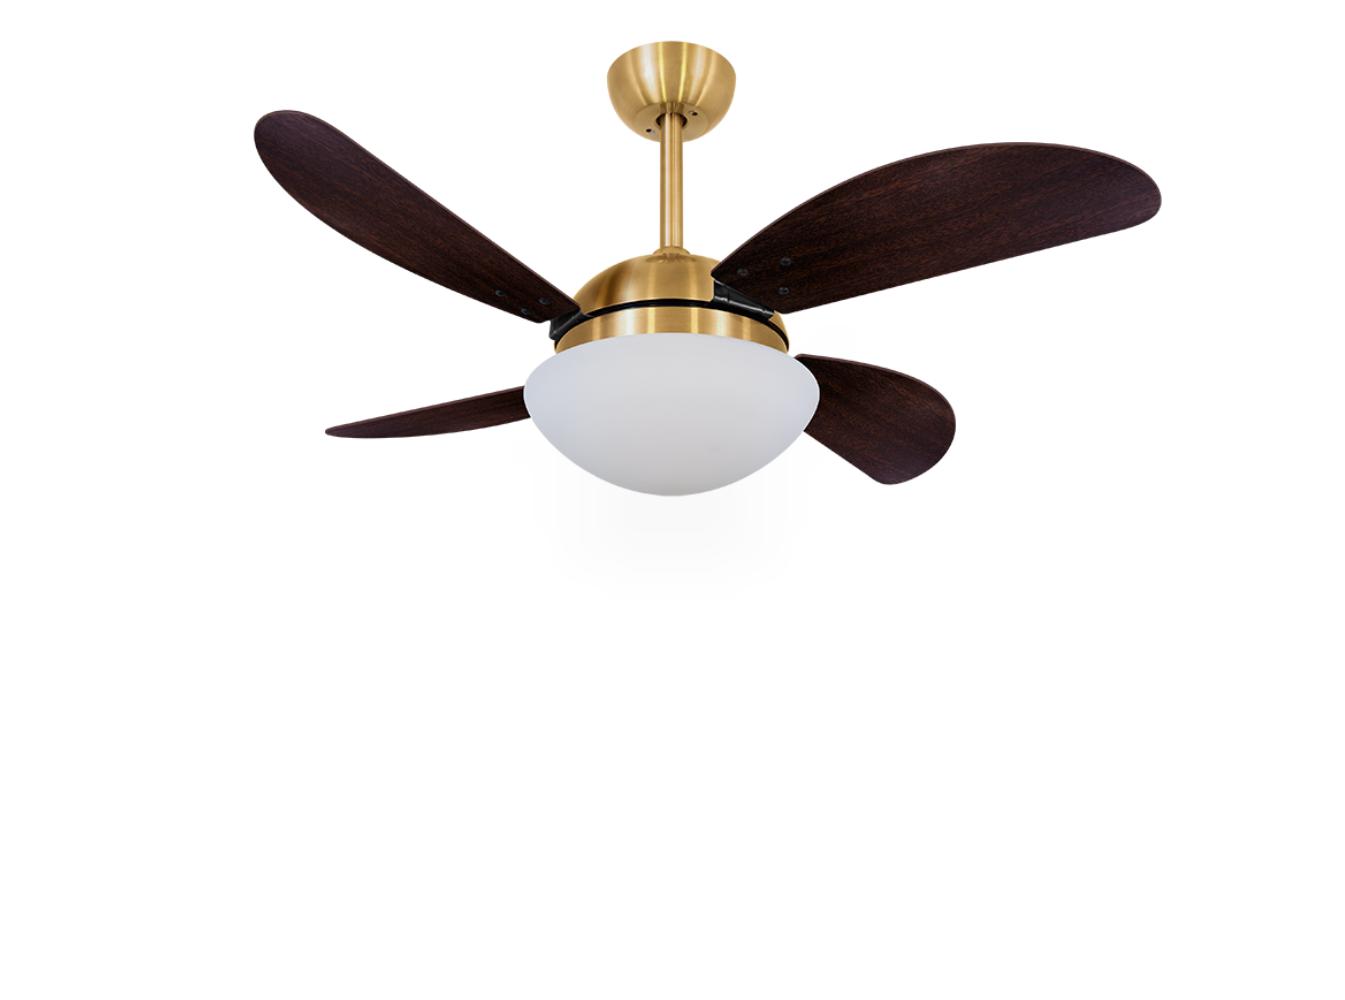 Ventilador de Teto VD42 Fly Dourado/Tb 220V+Controle Remoto